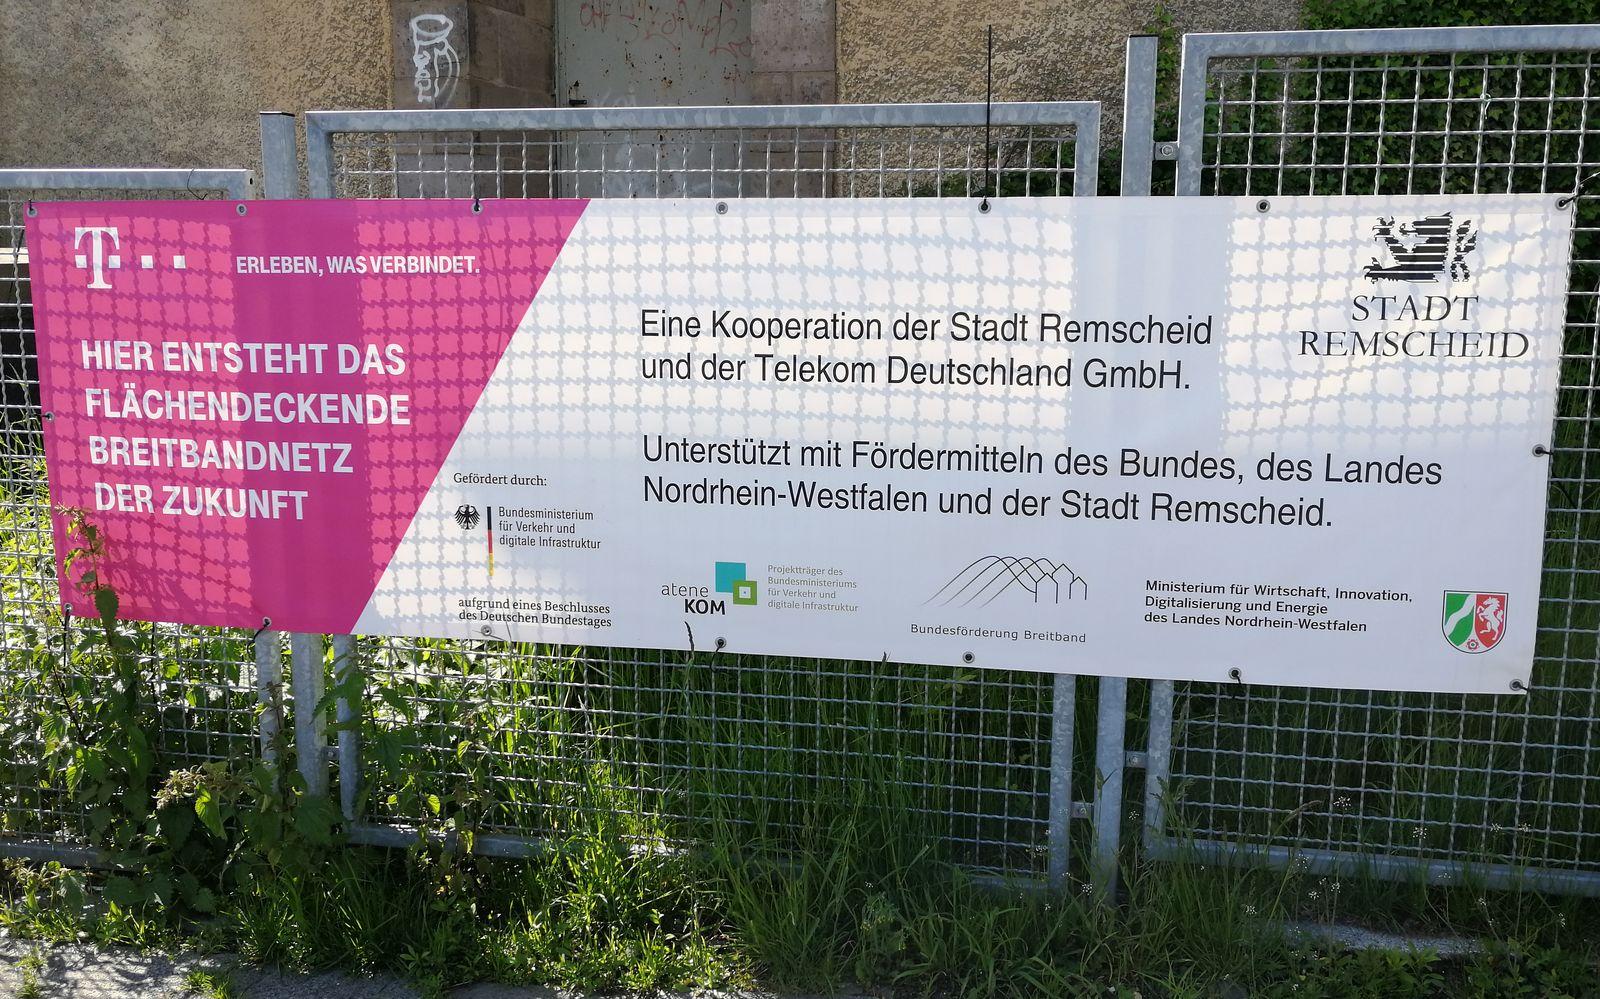 Breitbandausbau in Remscheid